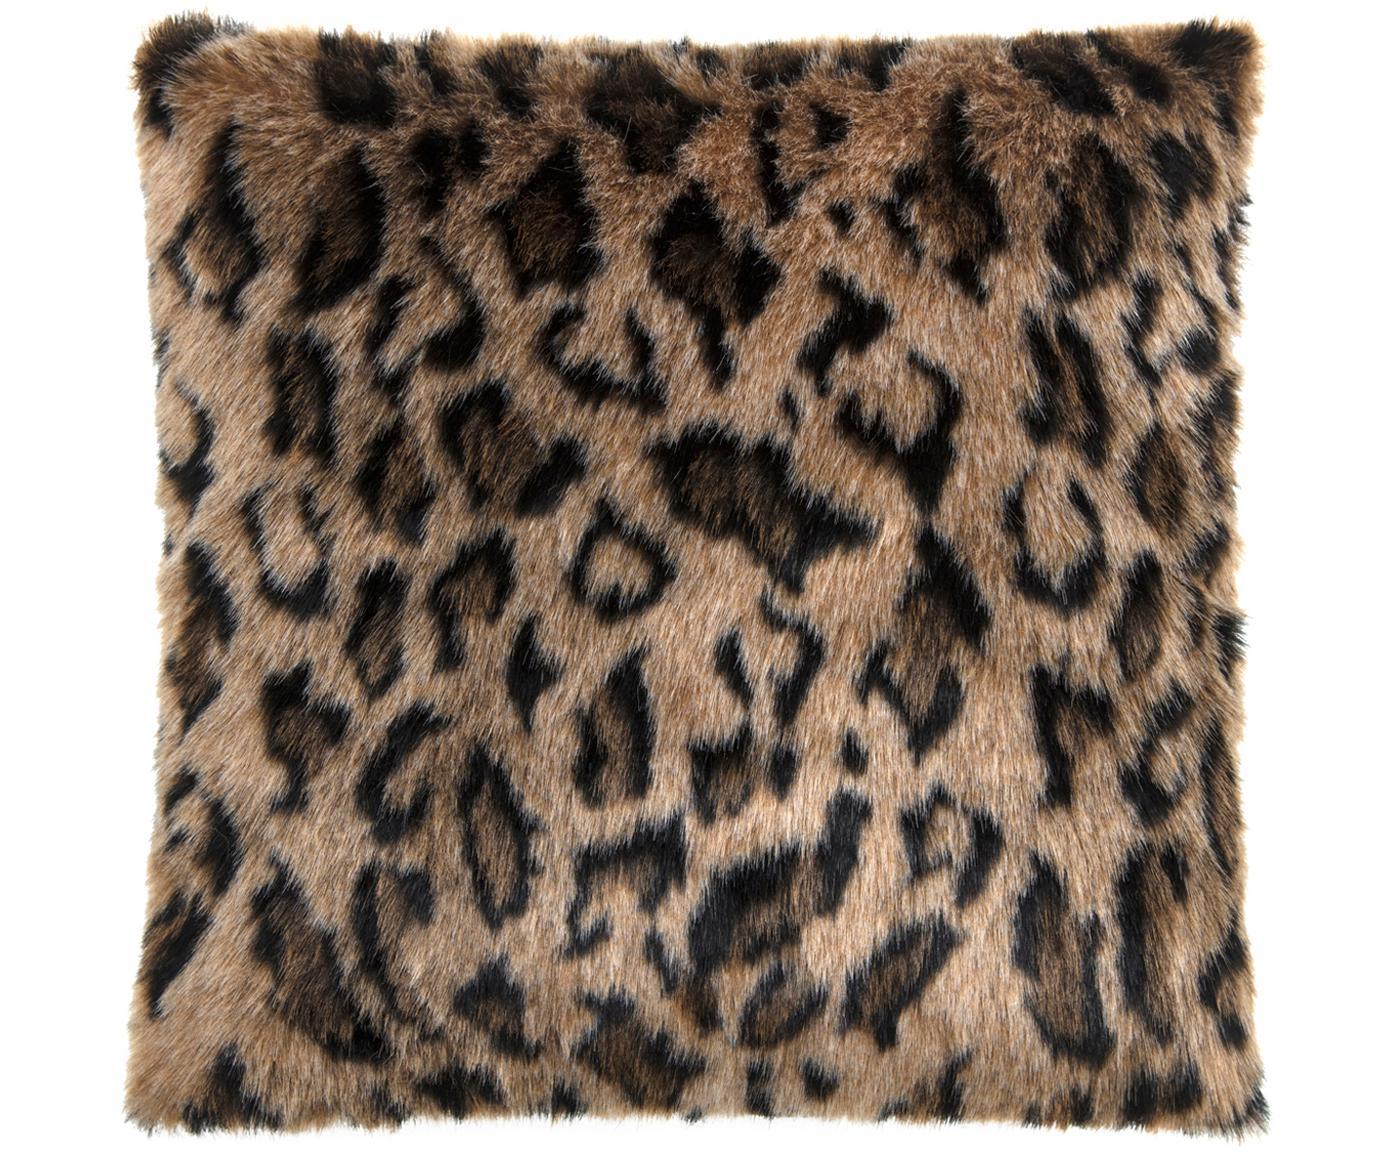 Poszewka na poduszkę ze sztucznego futra Leo, Brązowy, czarny, S 40 x D 40 cm